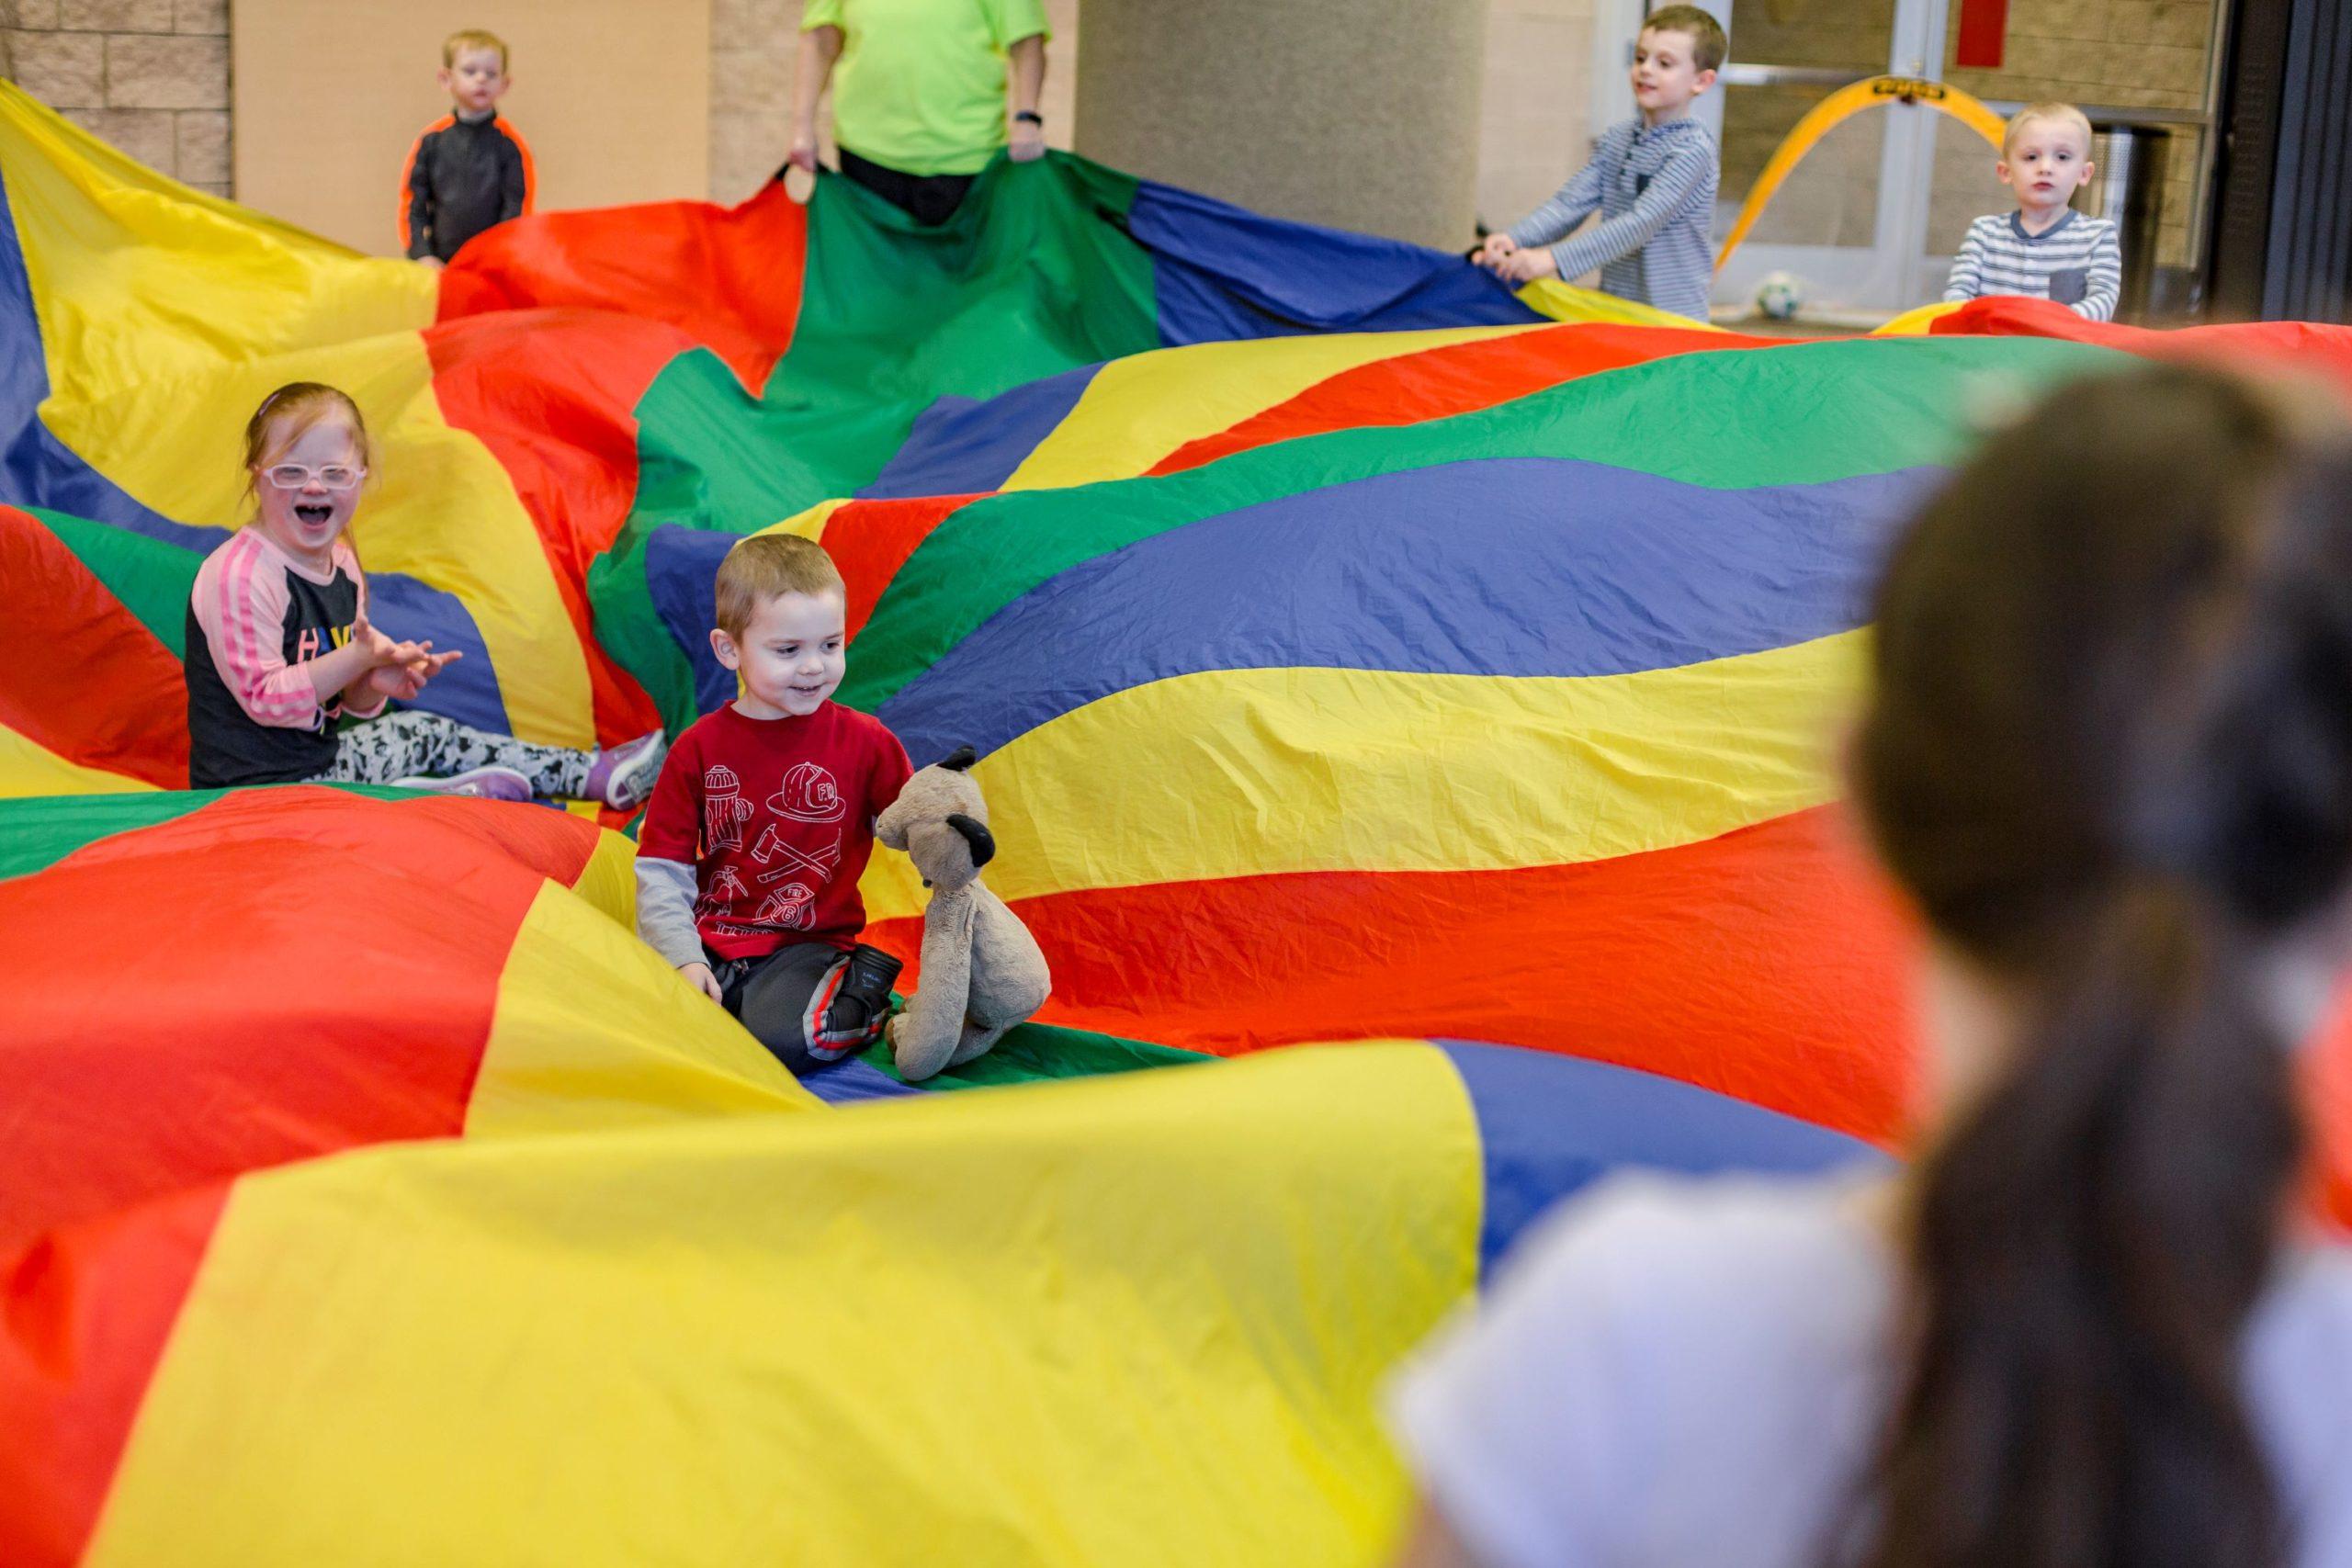 Kids in adaptive program